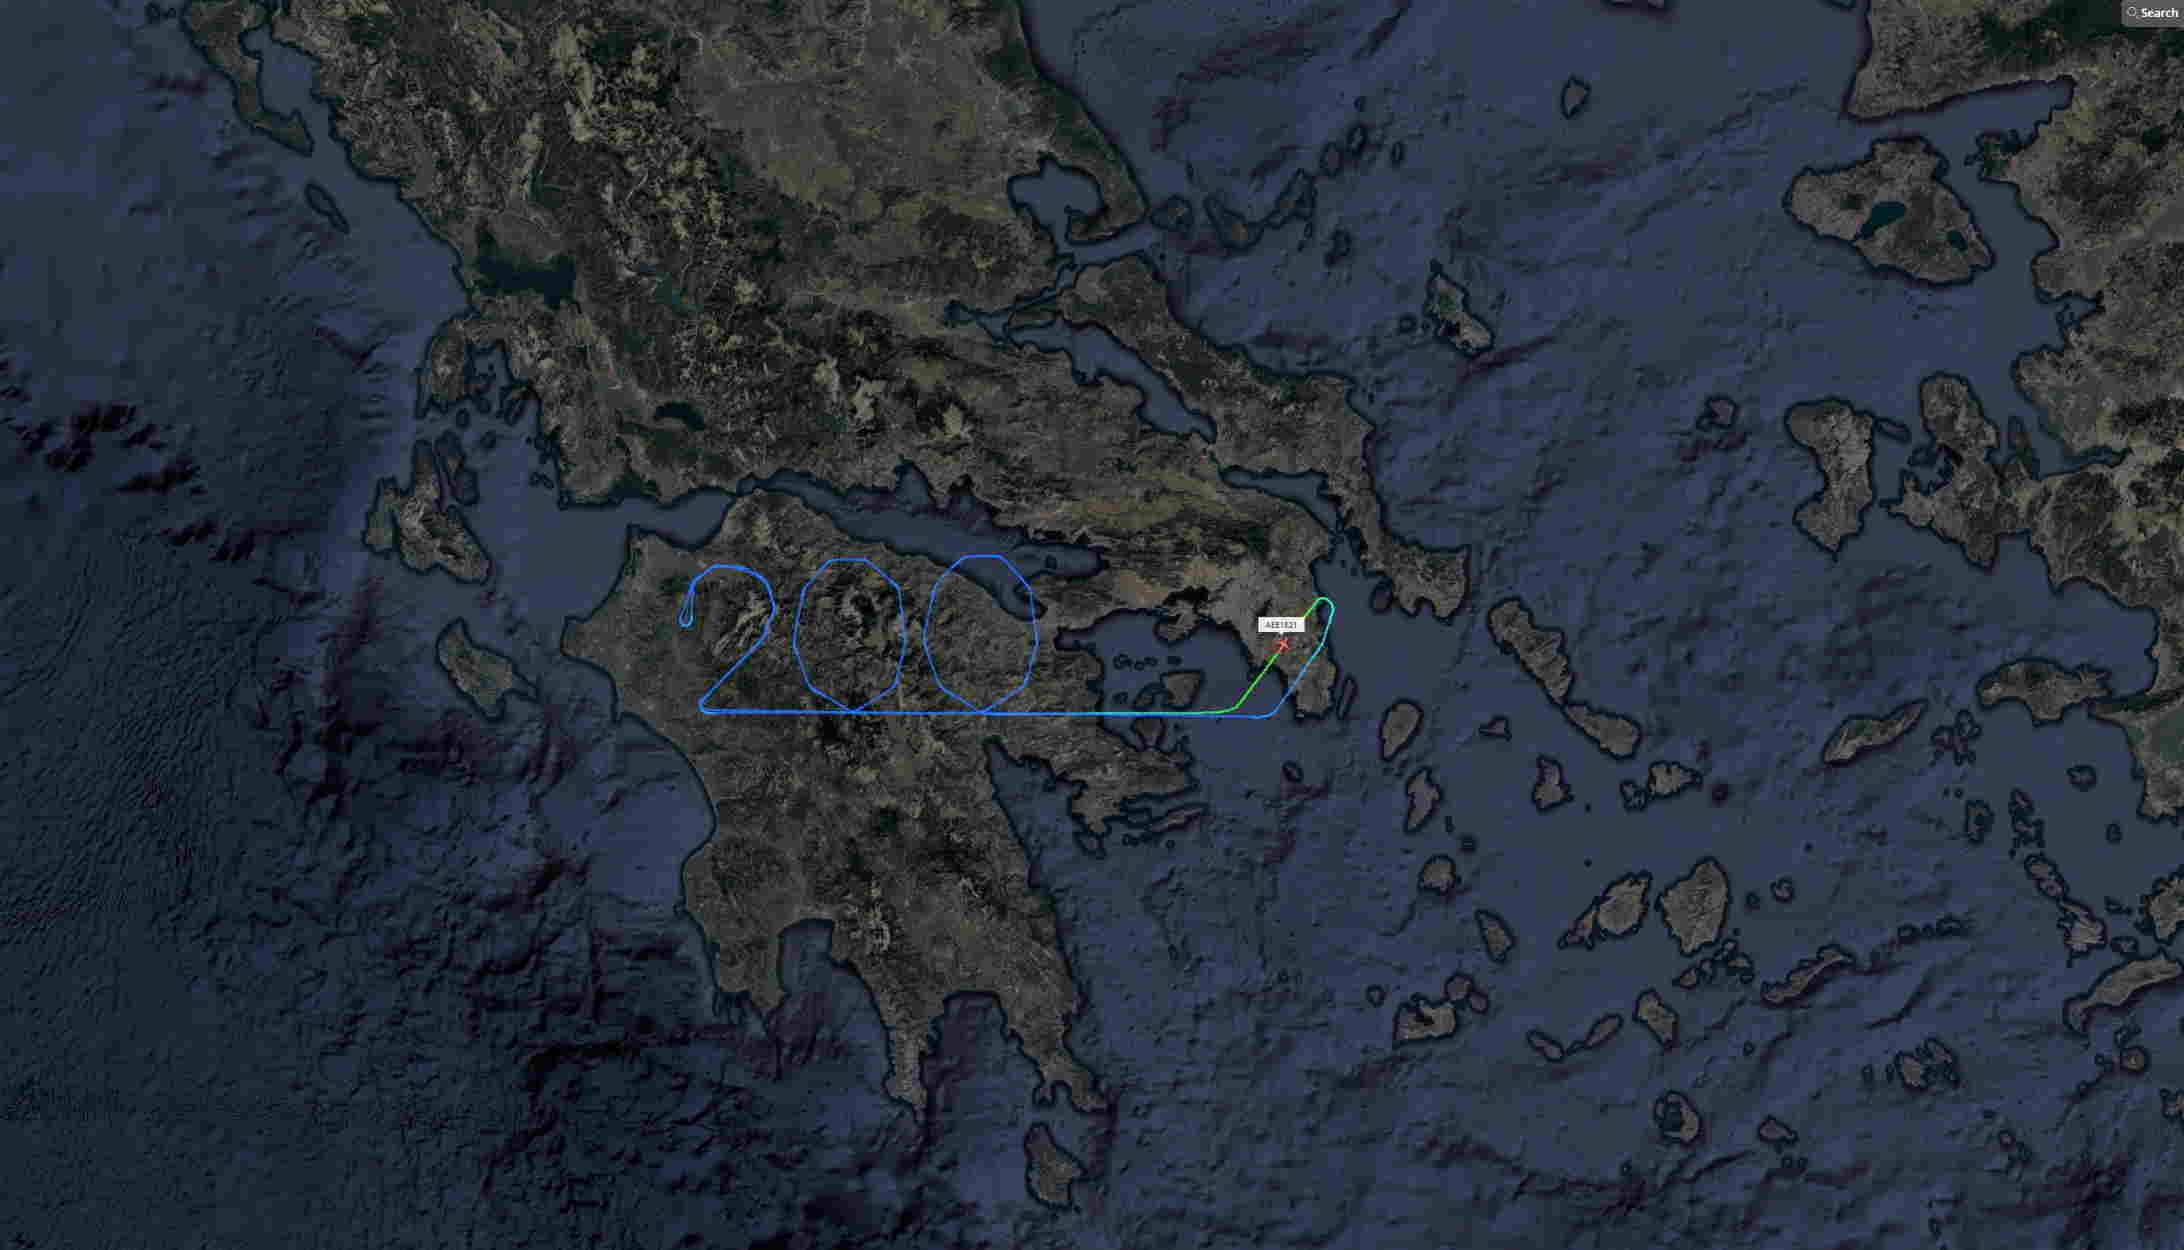 Με μία μοναδική συμβολική κίνηση η AEGEAN τίμησε την επέτειο των 200 χρόνων από την Ελληνική Επανάσταση